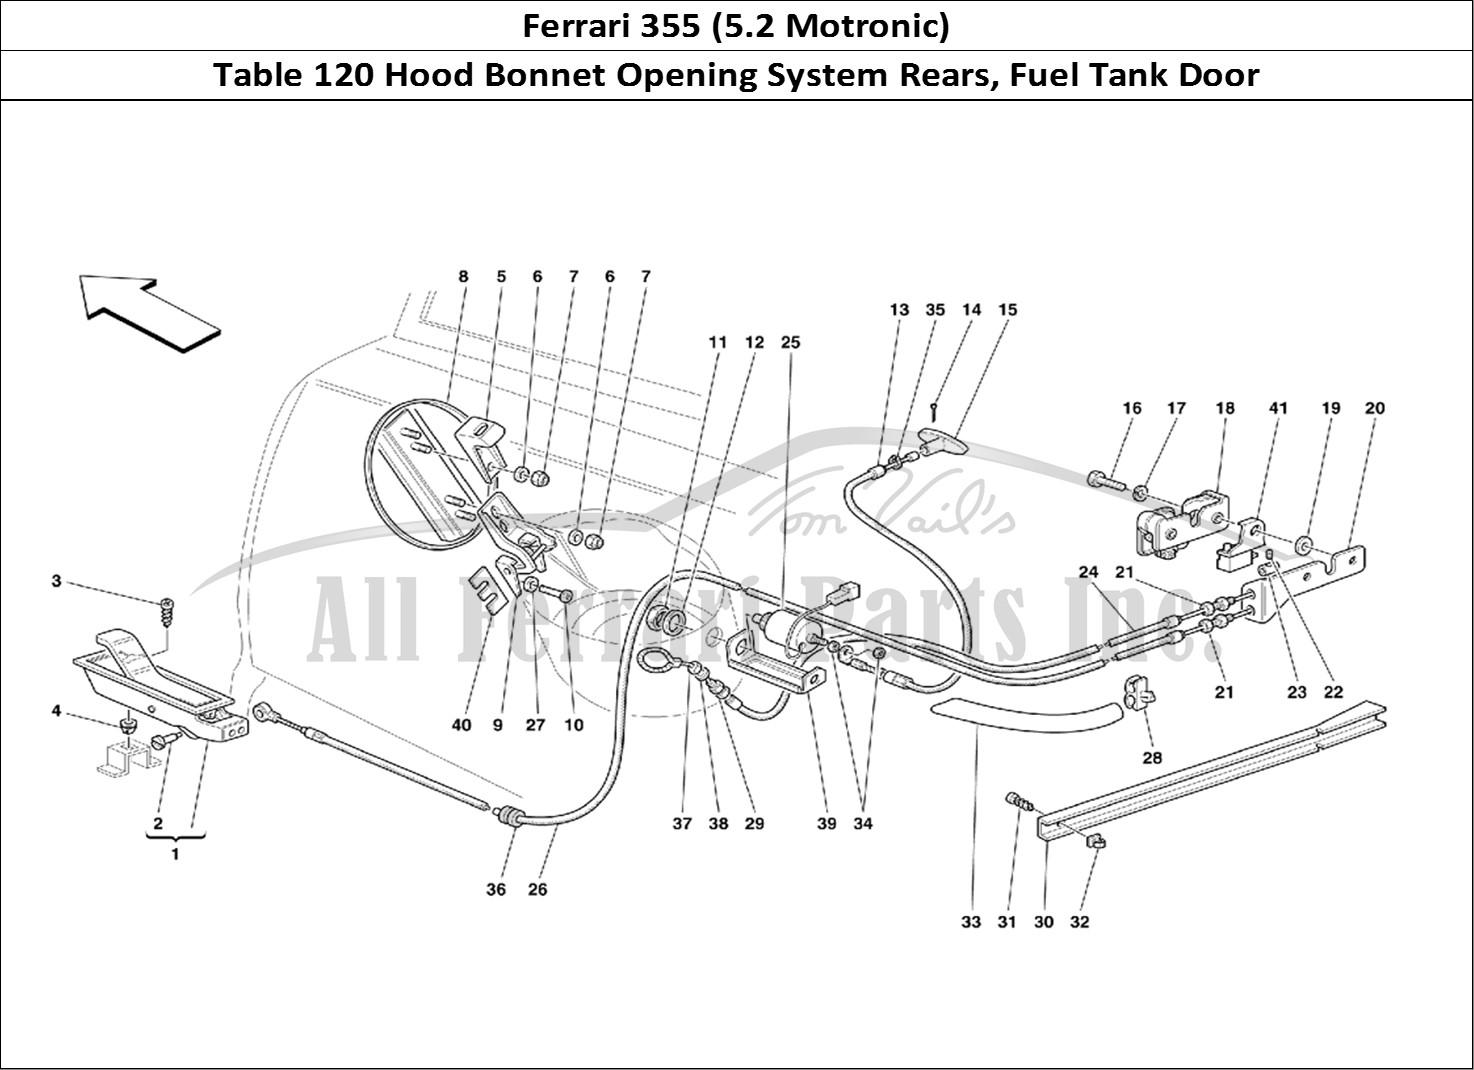 Buy original Ferrari 355 (5.2 Motronic) 120 Hood Bonnet